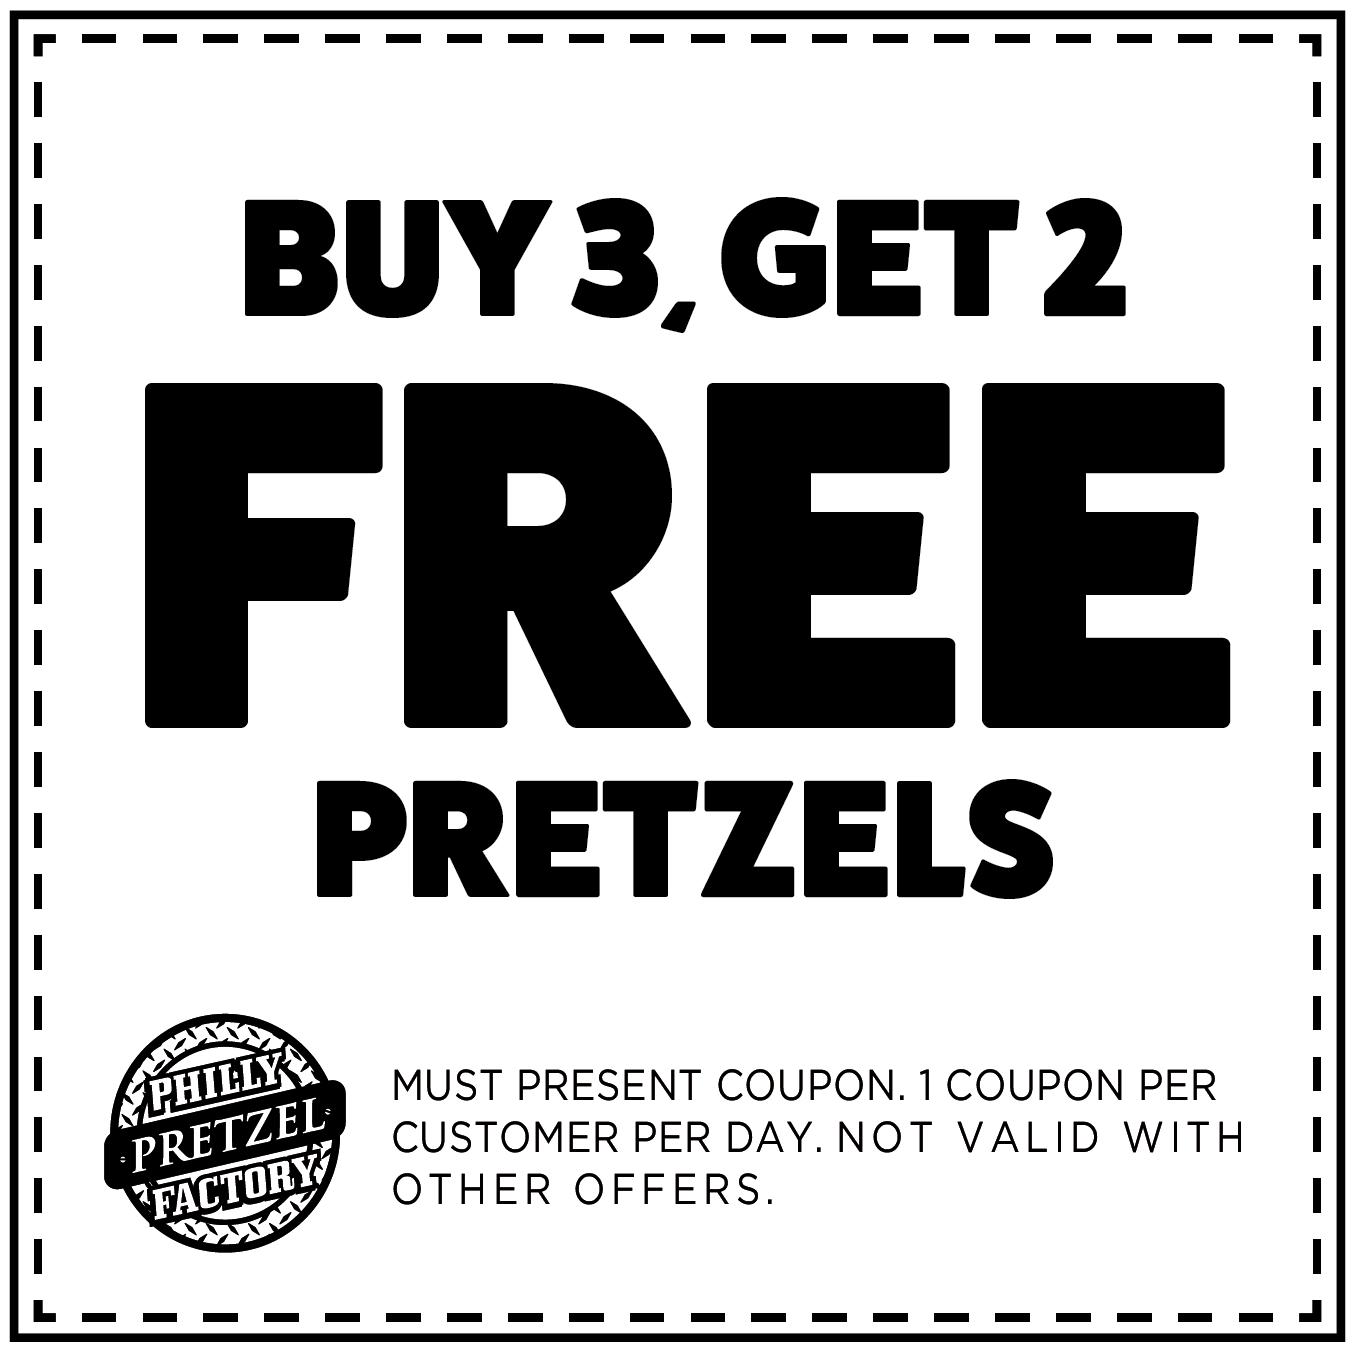 Buy 3, Get 2 Free Pretzels